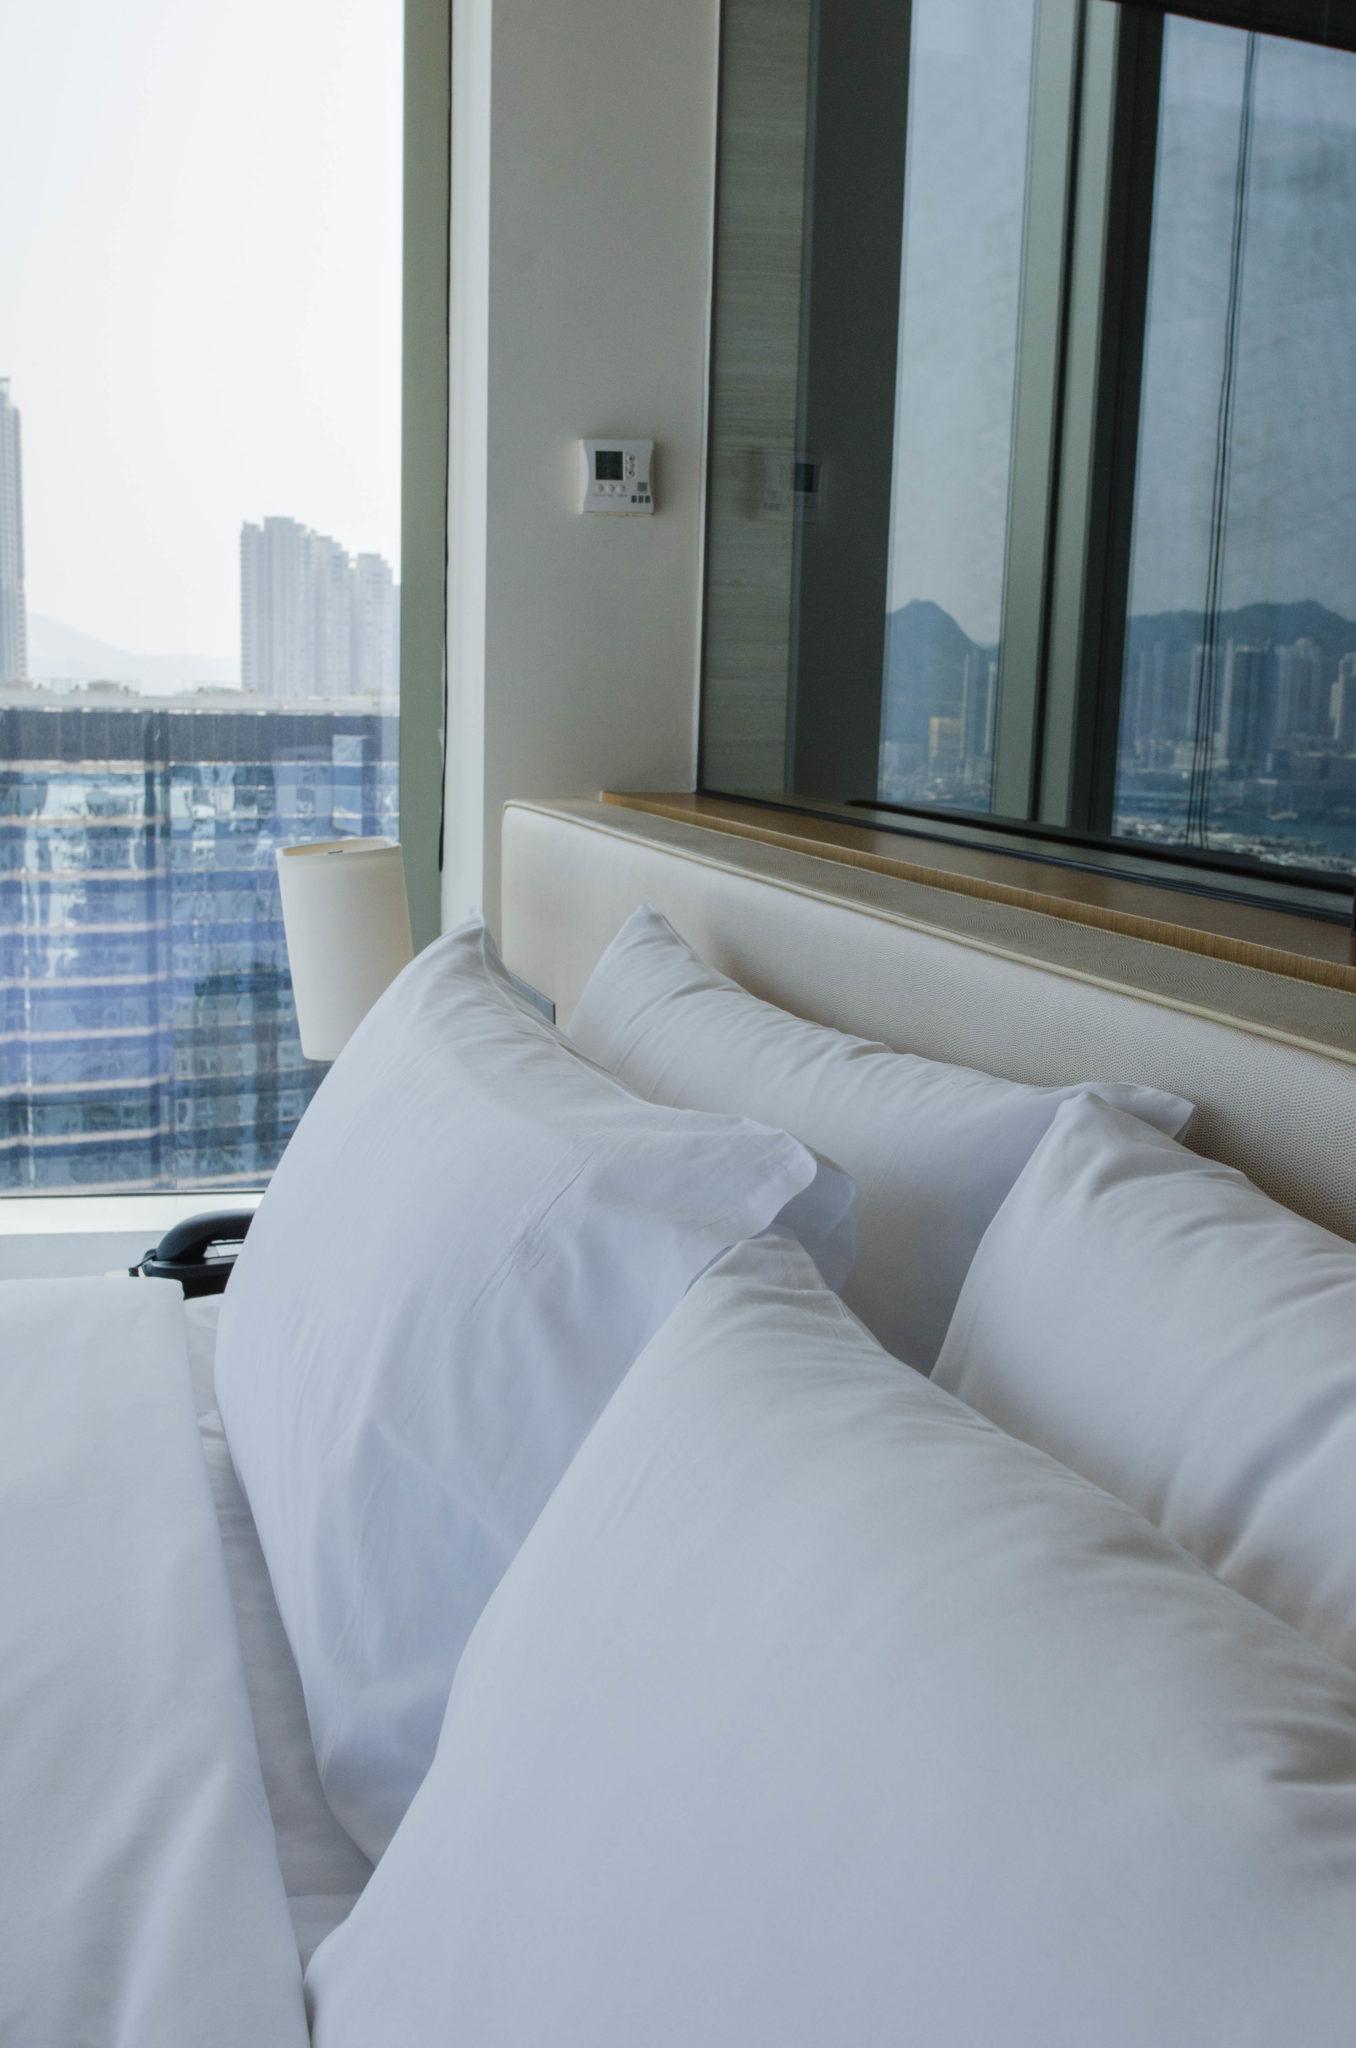 Das Bett im Hotel EAST Hong Kong